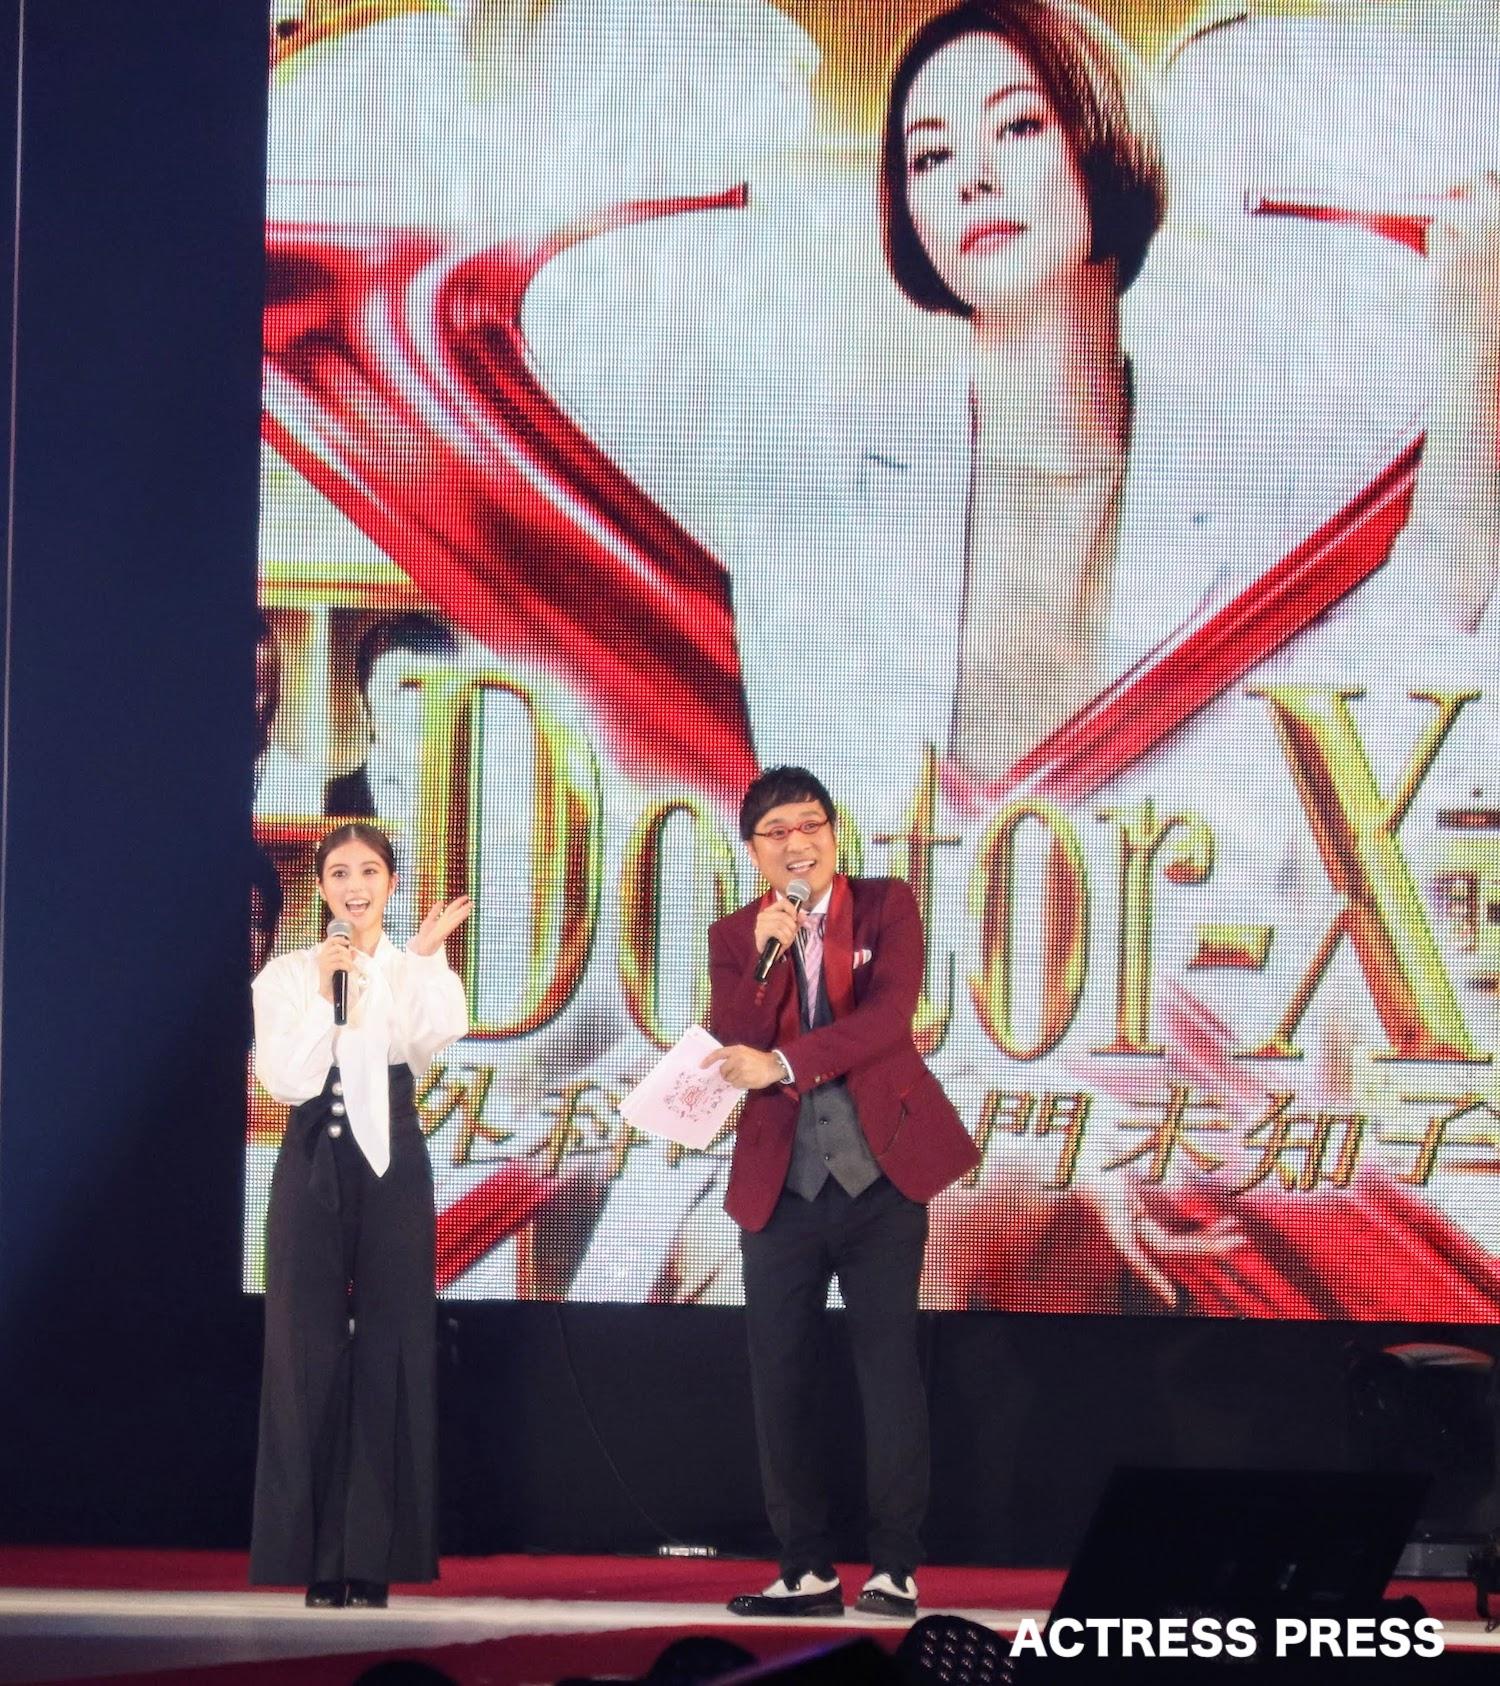 今田美桜とMCの山里亮太/2019年9月28日、GirlsAward2019AWにて。撮影:ACTRESS PRESS編集部